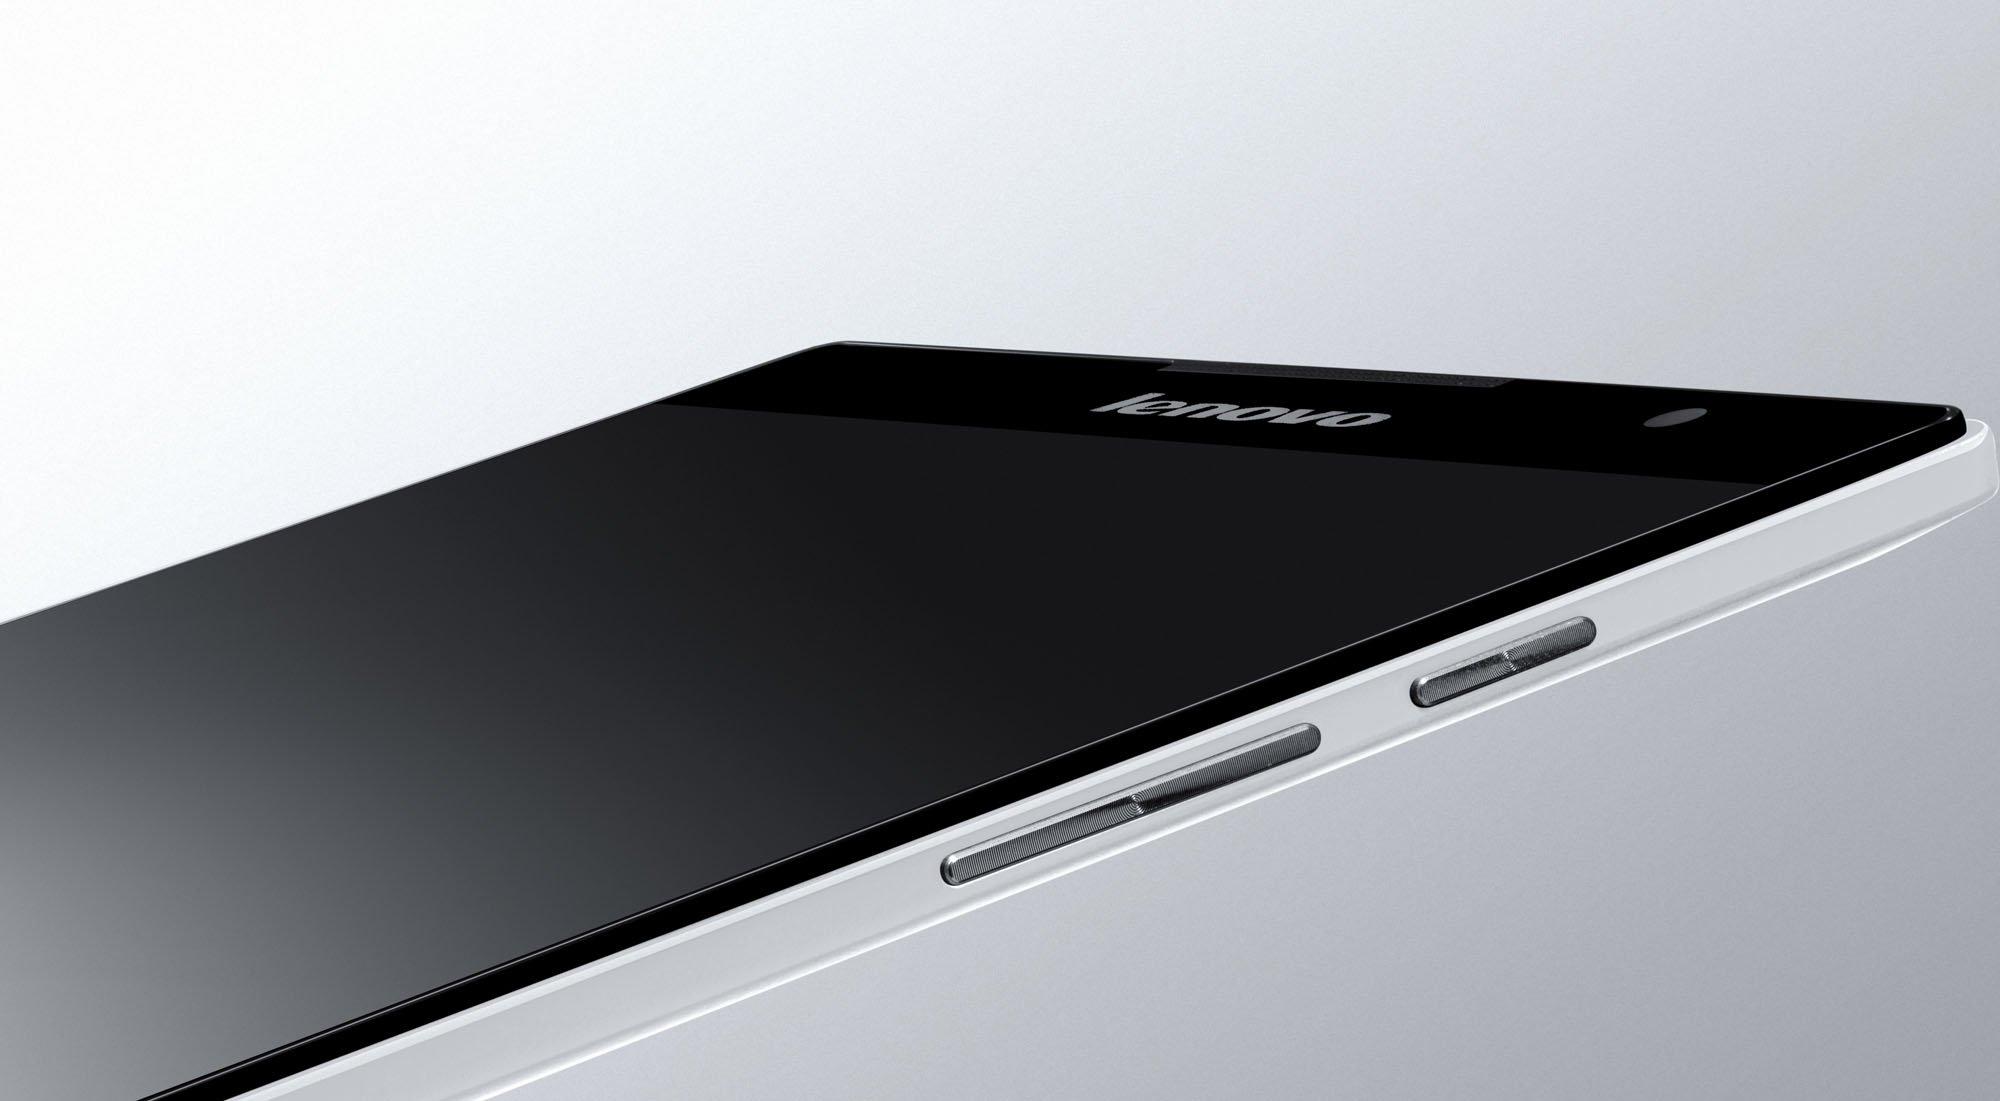 Daftar Harga HP Lenovo Terbaru Januari 2016